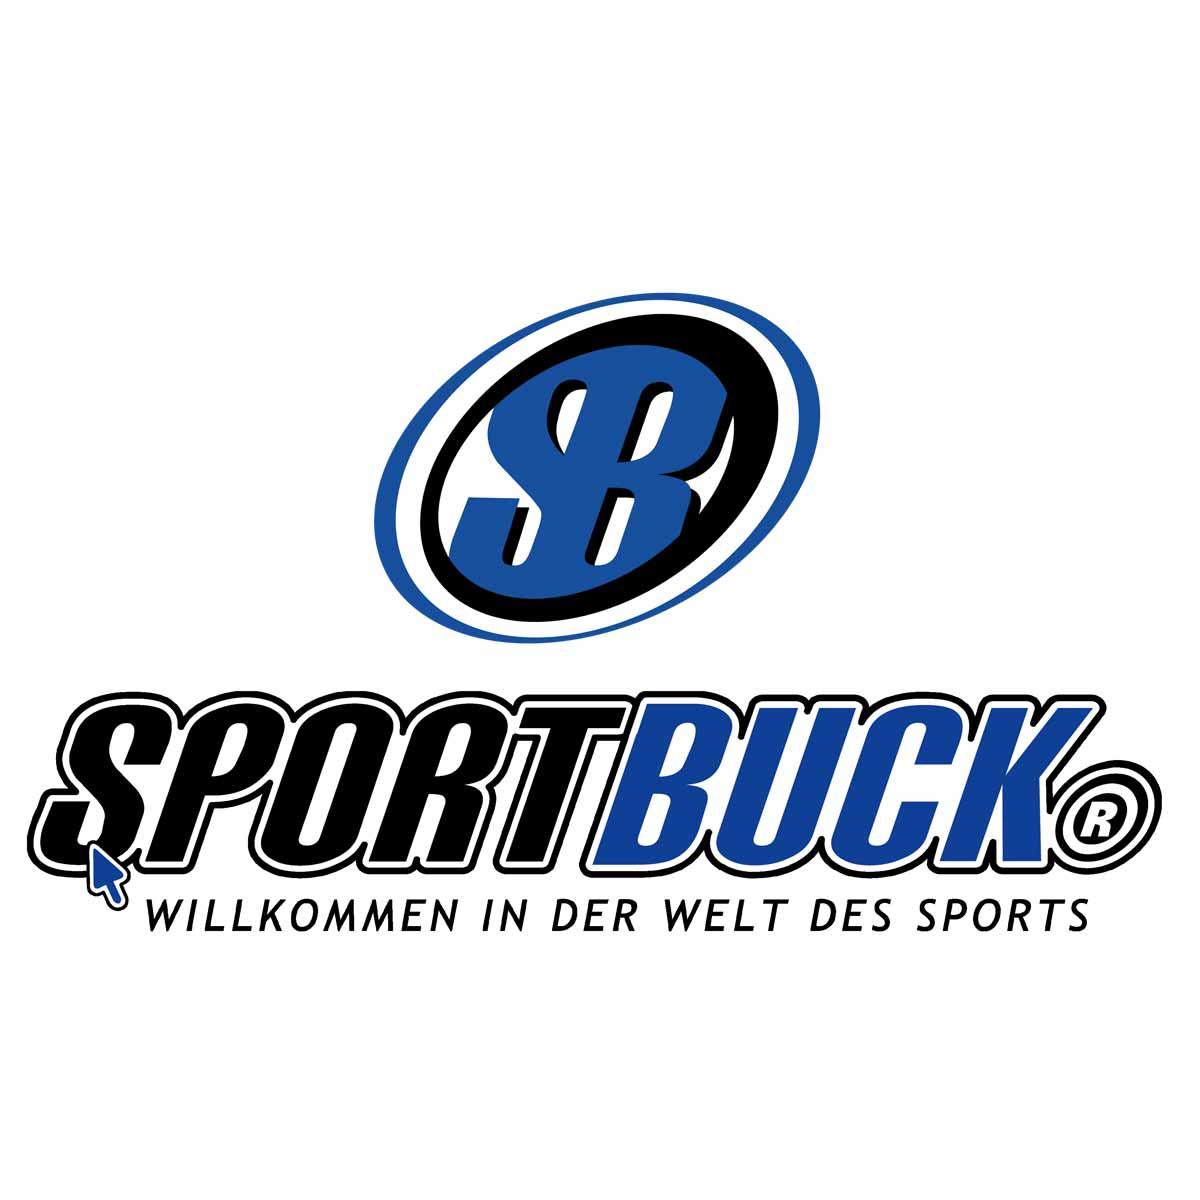 Damenmode online kaufen | SportBuck Online Shop loWNF